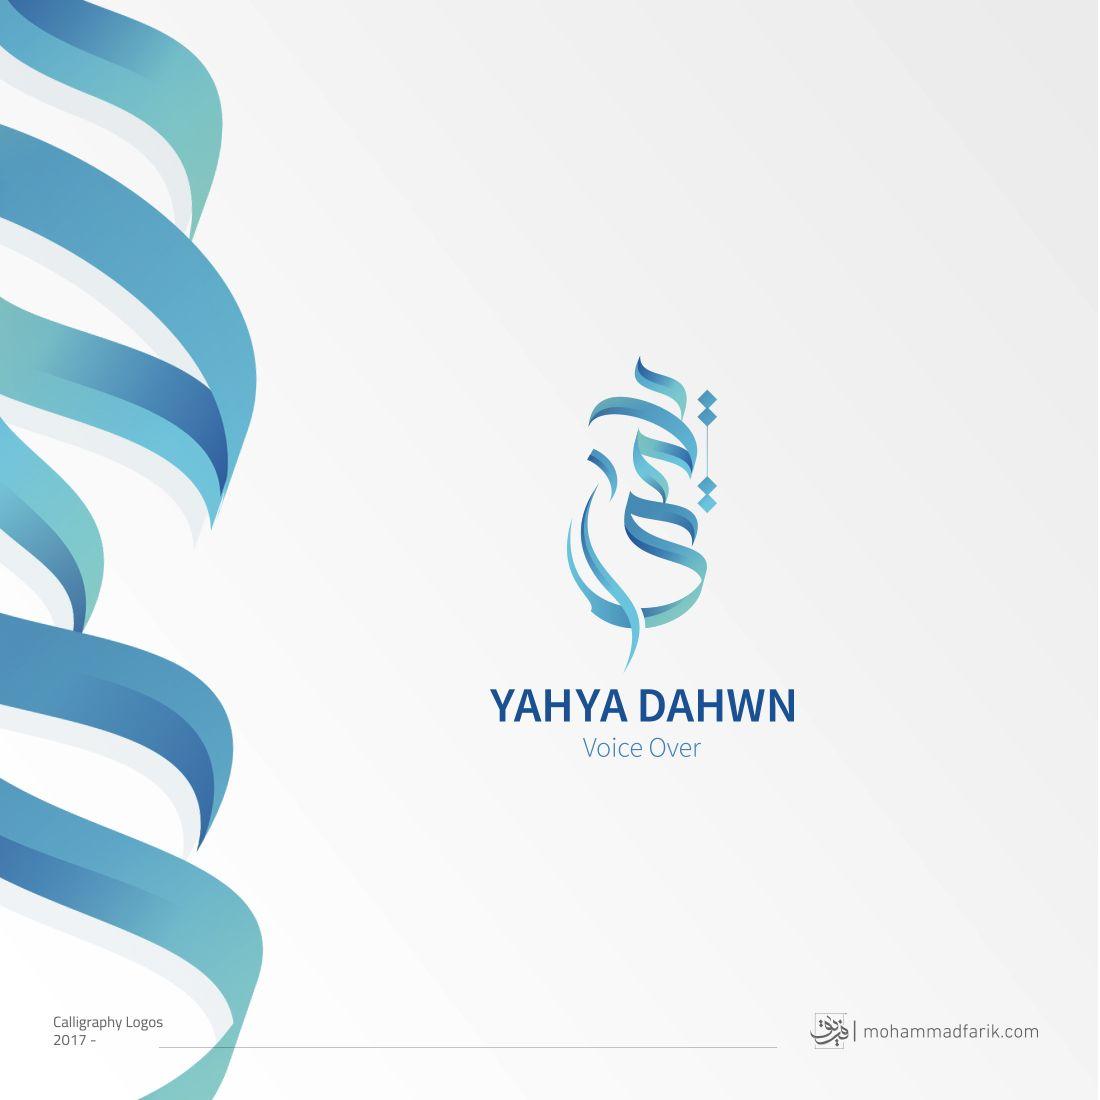 Modern Arabic Calligraphy Logo For Yahya Al Dahwn By Mohammad Farik Calligraphy Arabic Arabiccalligraphy Mo Calligraphy Logo Calligraphy Branding Draw Logo